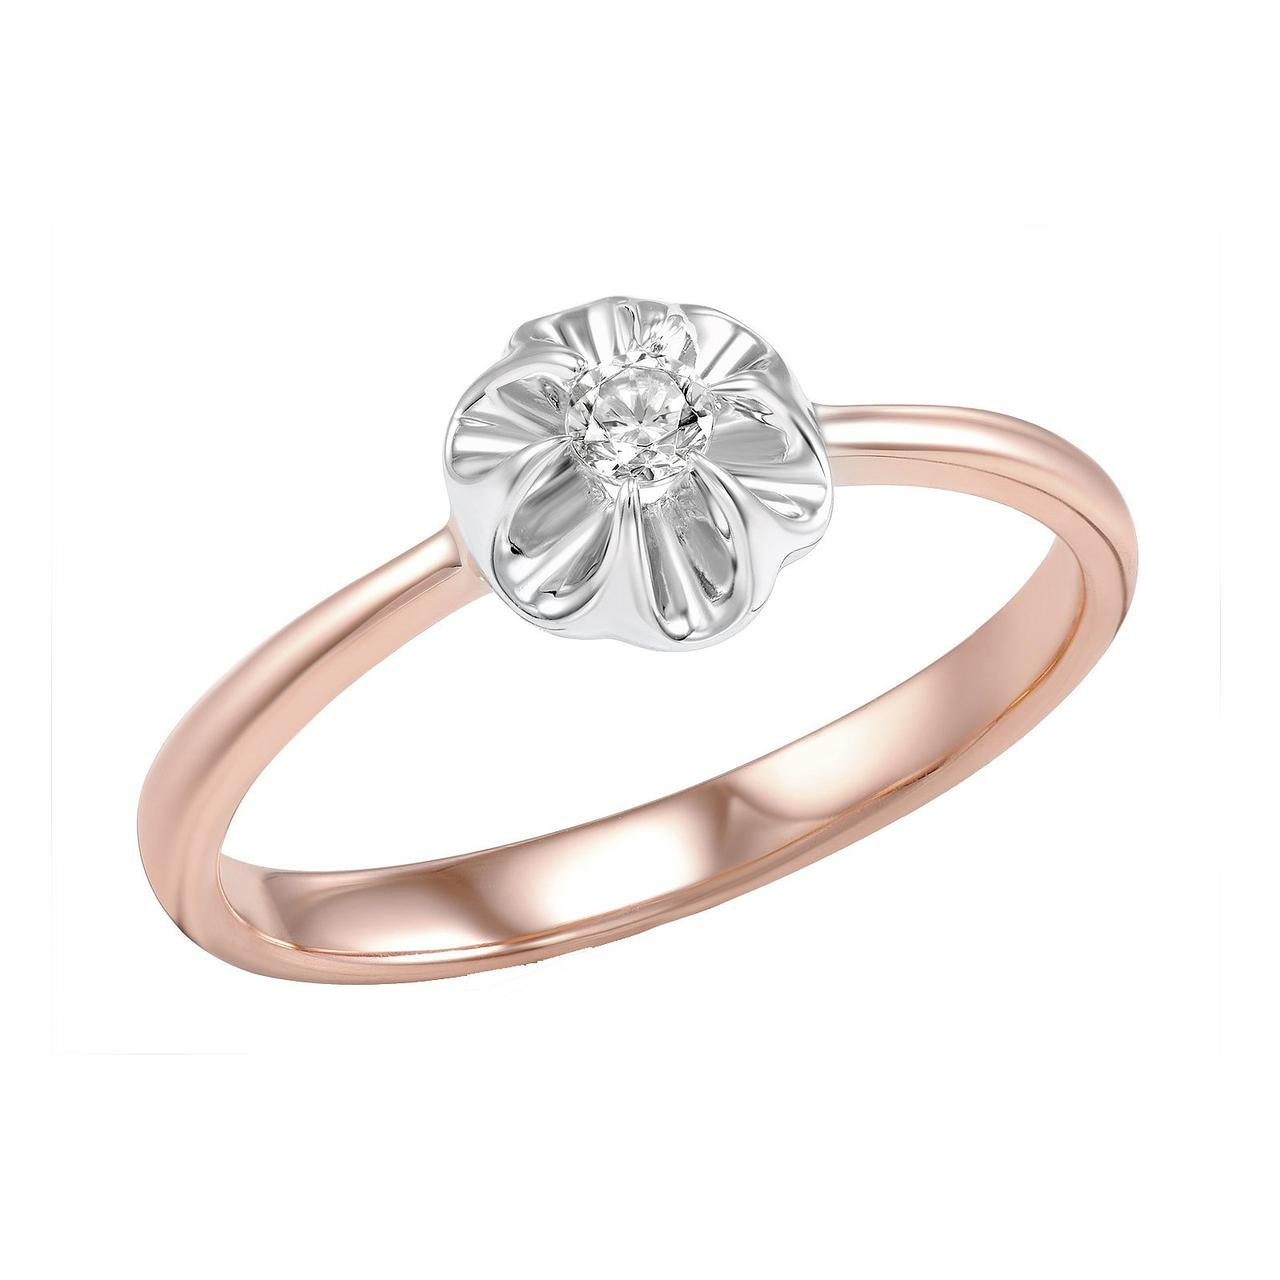 Золотое кольцо с бриллиантом, размер 17 (474830)